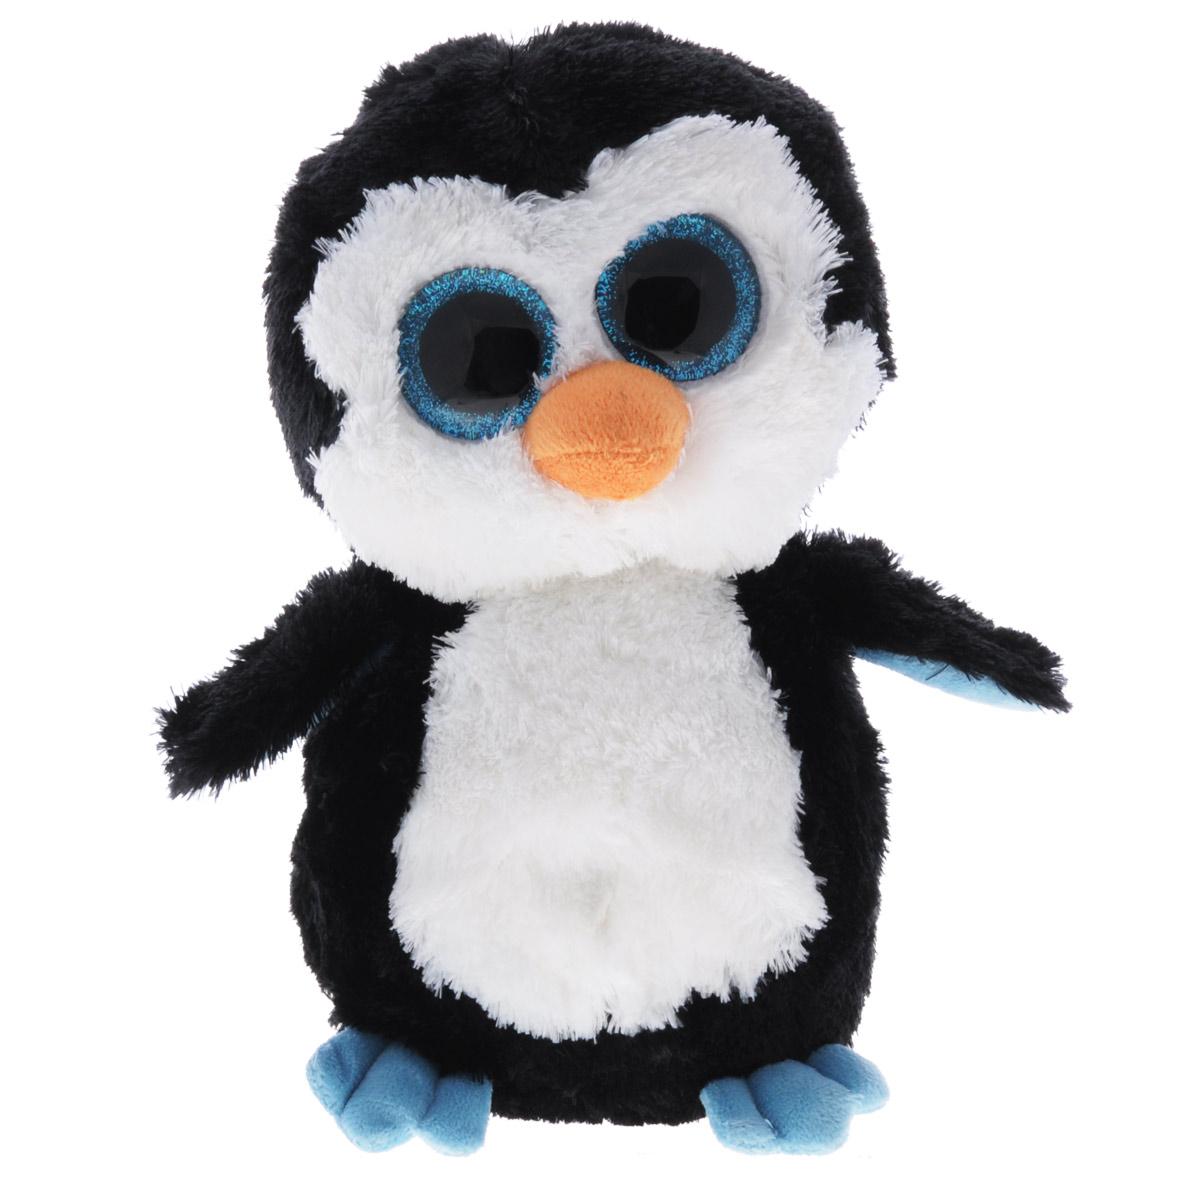 Мягкая игрушка Beanie Boos Пингвин Waddles, 23 см36904Очаровательная мягкая игрушка Beanie Boos Пингвин Waddles, выполненная в виде милого пингвина, непременно вызовет улыбку и симпатию и у детей, и у взрослых. Трогательный пингвин с выразительными пластиковыми глазками выполнен из высококачественного текстильного материала с набивкой из синтепона. Специальные гранулы, также используемые при набивке игрушки, способствуют развитию мелкой моторики рук малыша. Как и все игрушки серии Beanie Boos, пингвин изготовлен вручную с любовью и вниманием к деталям. Удивительно мягкая игрушка принесет радость и подарит своему обладателю мгновения нежных объятий и приятных воспоминаний. Великолепное качество исполнения делают эту игрушку чудесным подарком к любому празднику.